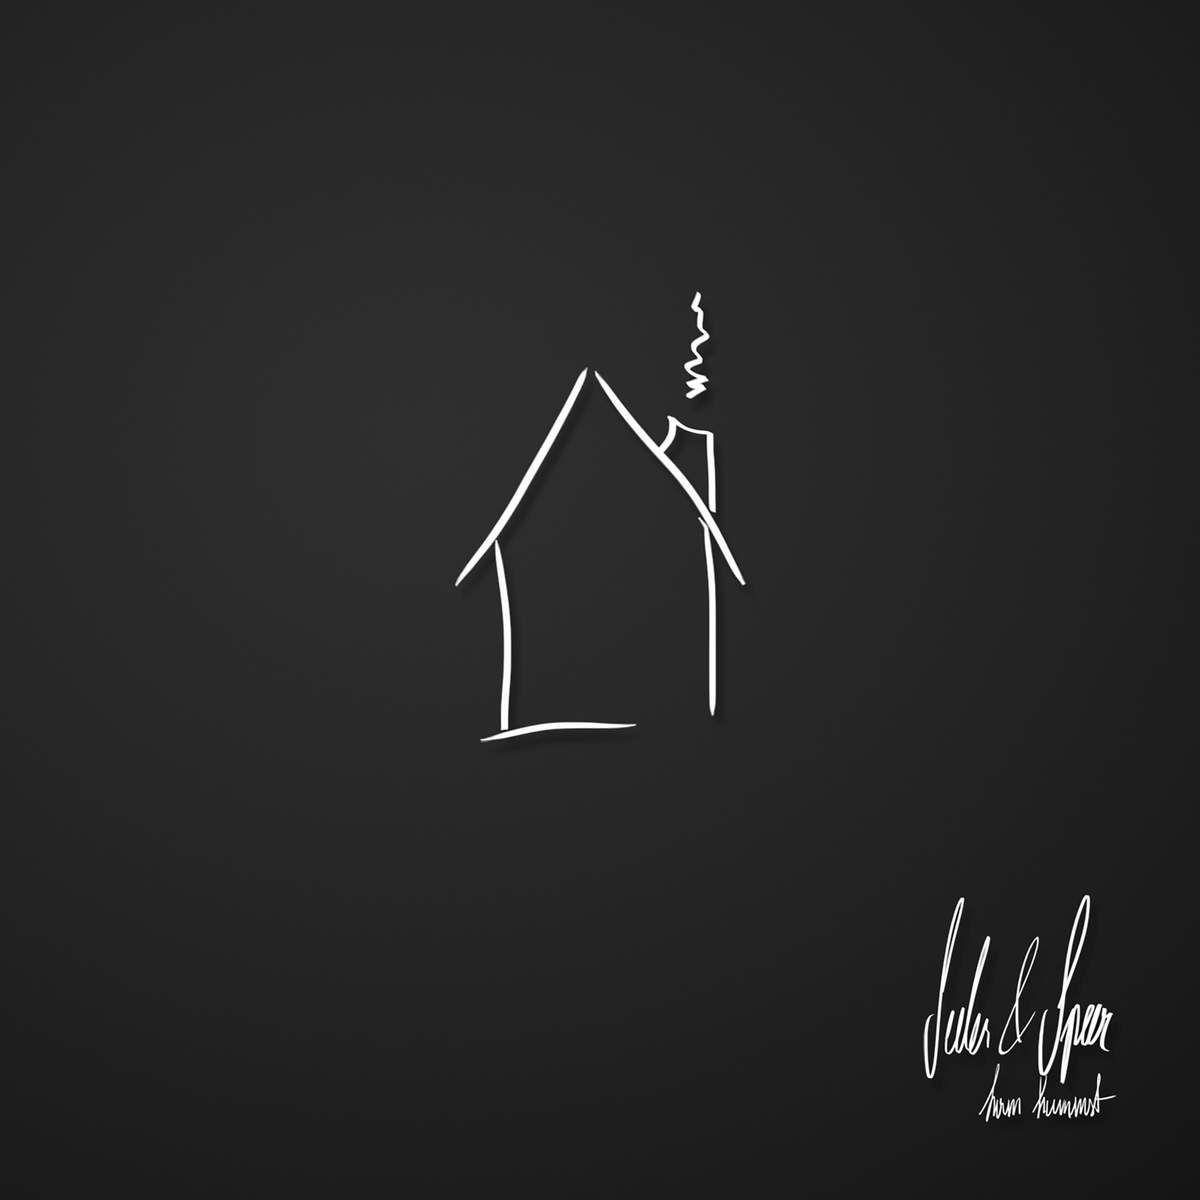 Seiler Und Speer - Ham Kummst album cover